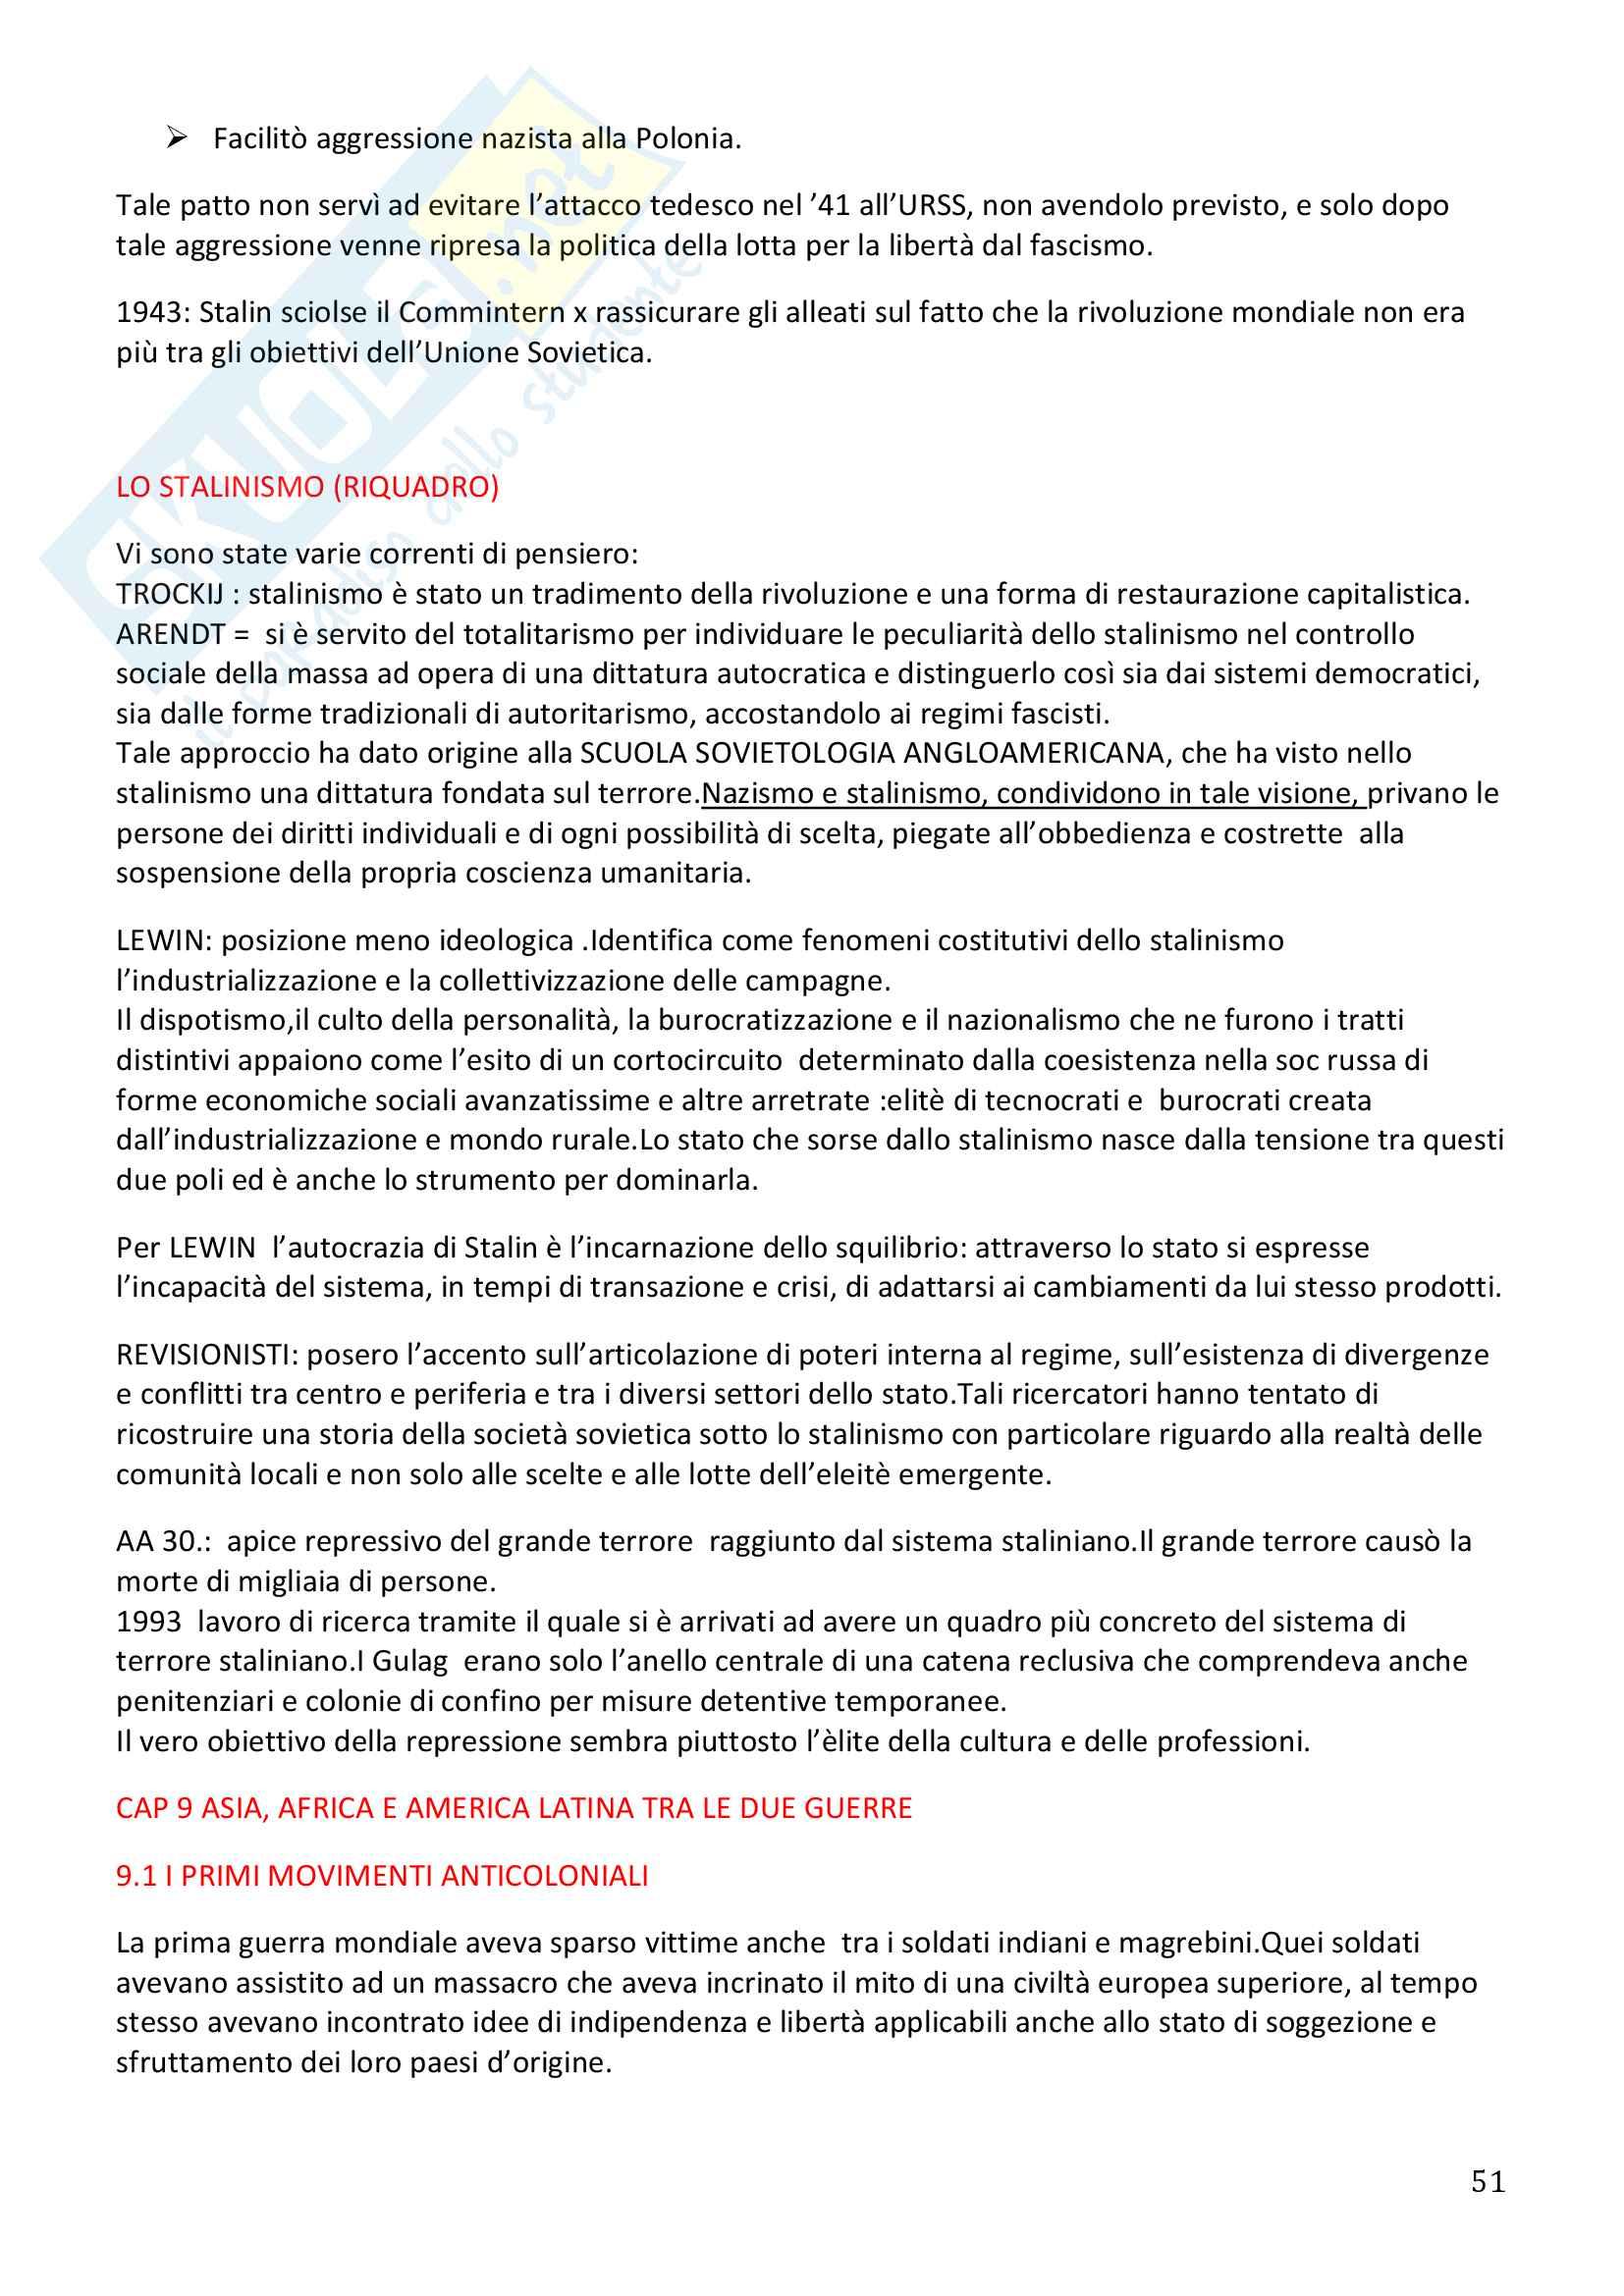 Storia Contemporanea, Detti, Gozzini il Novecento - Riassunto Pag. 51